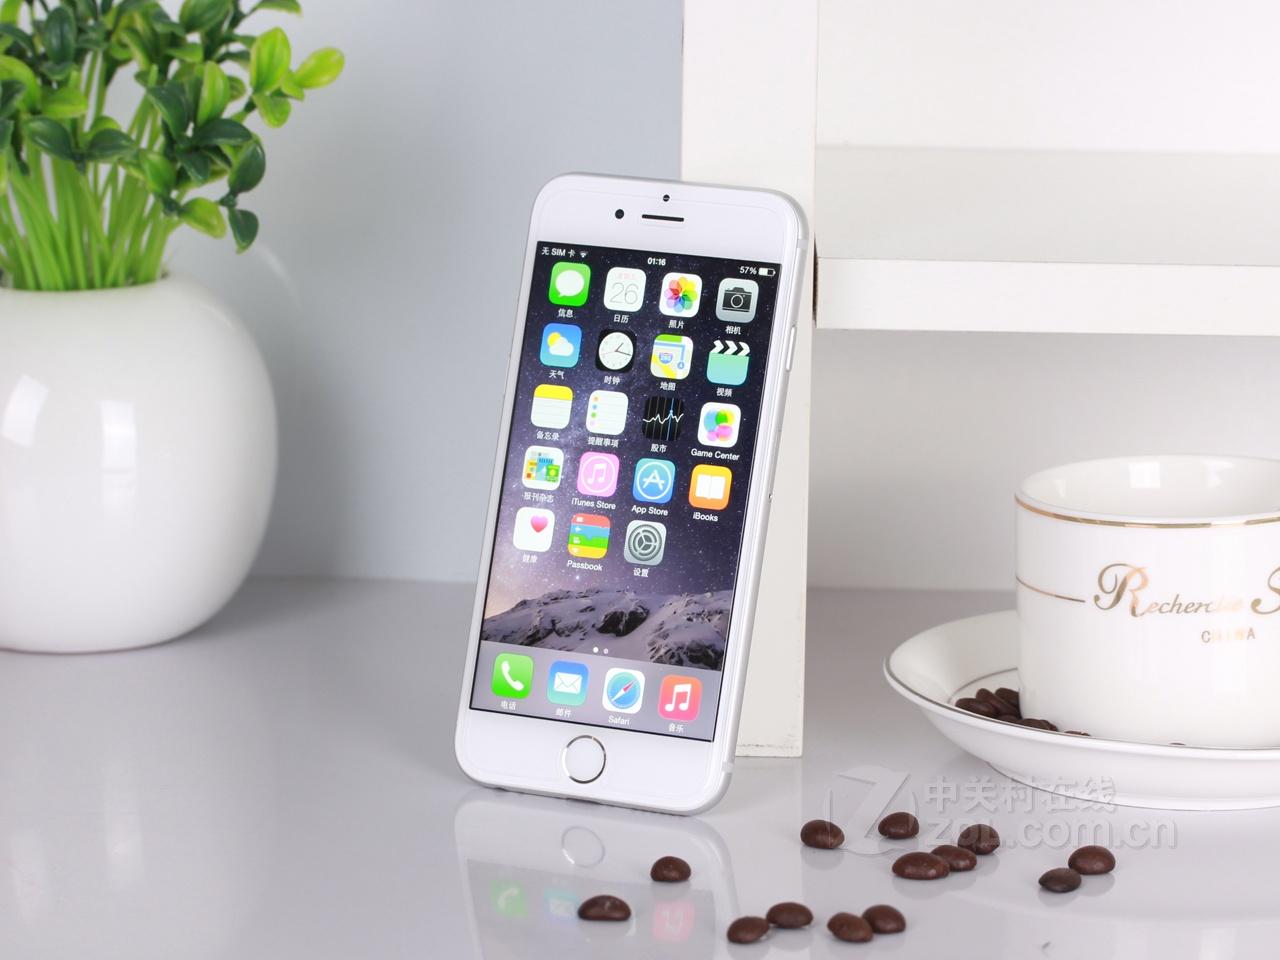 经典机型 苹果 iPhone 6 南宁 国庆促销中